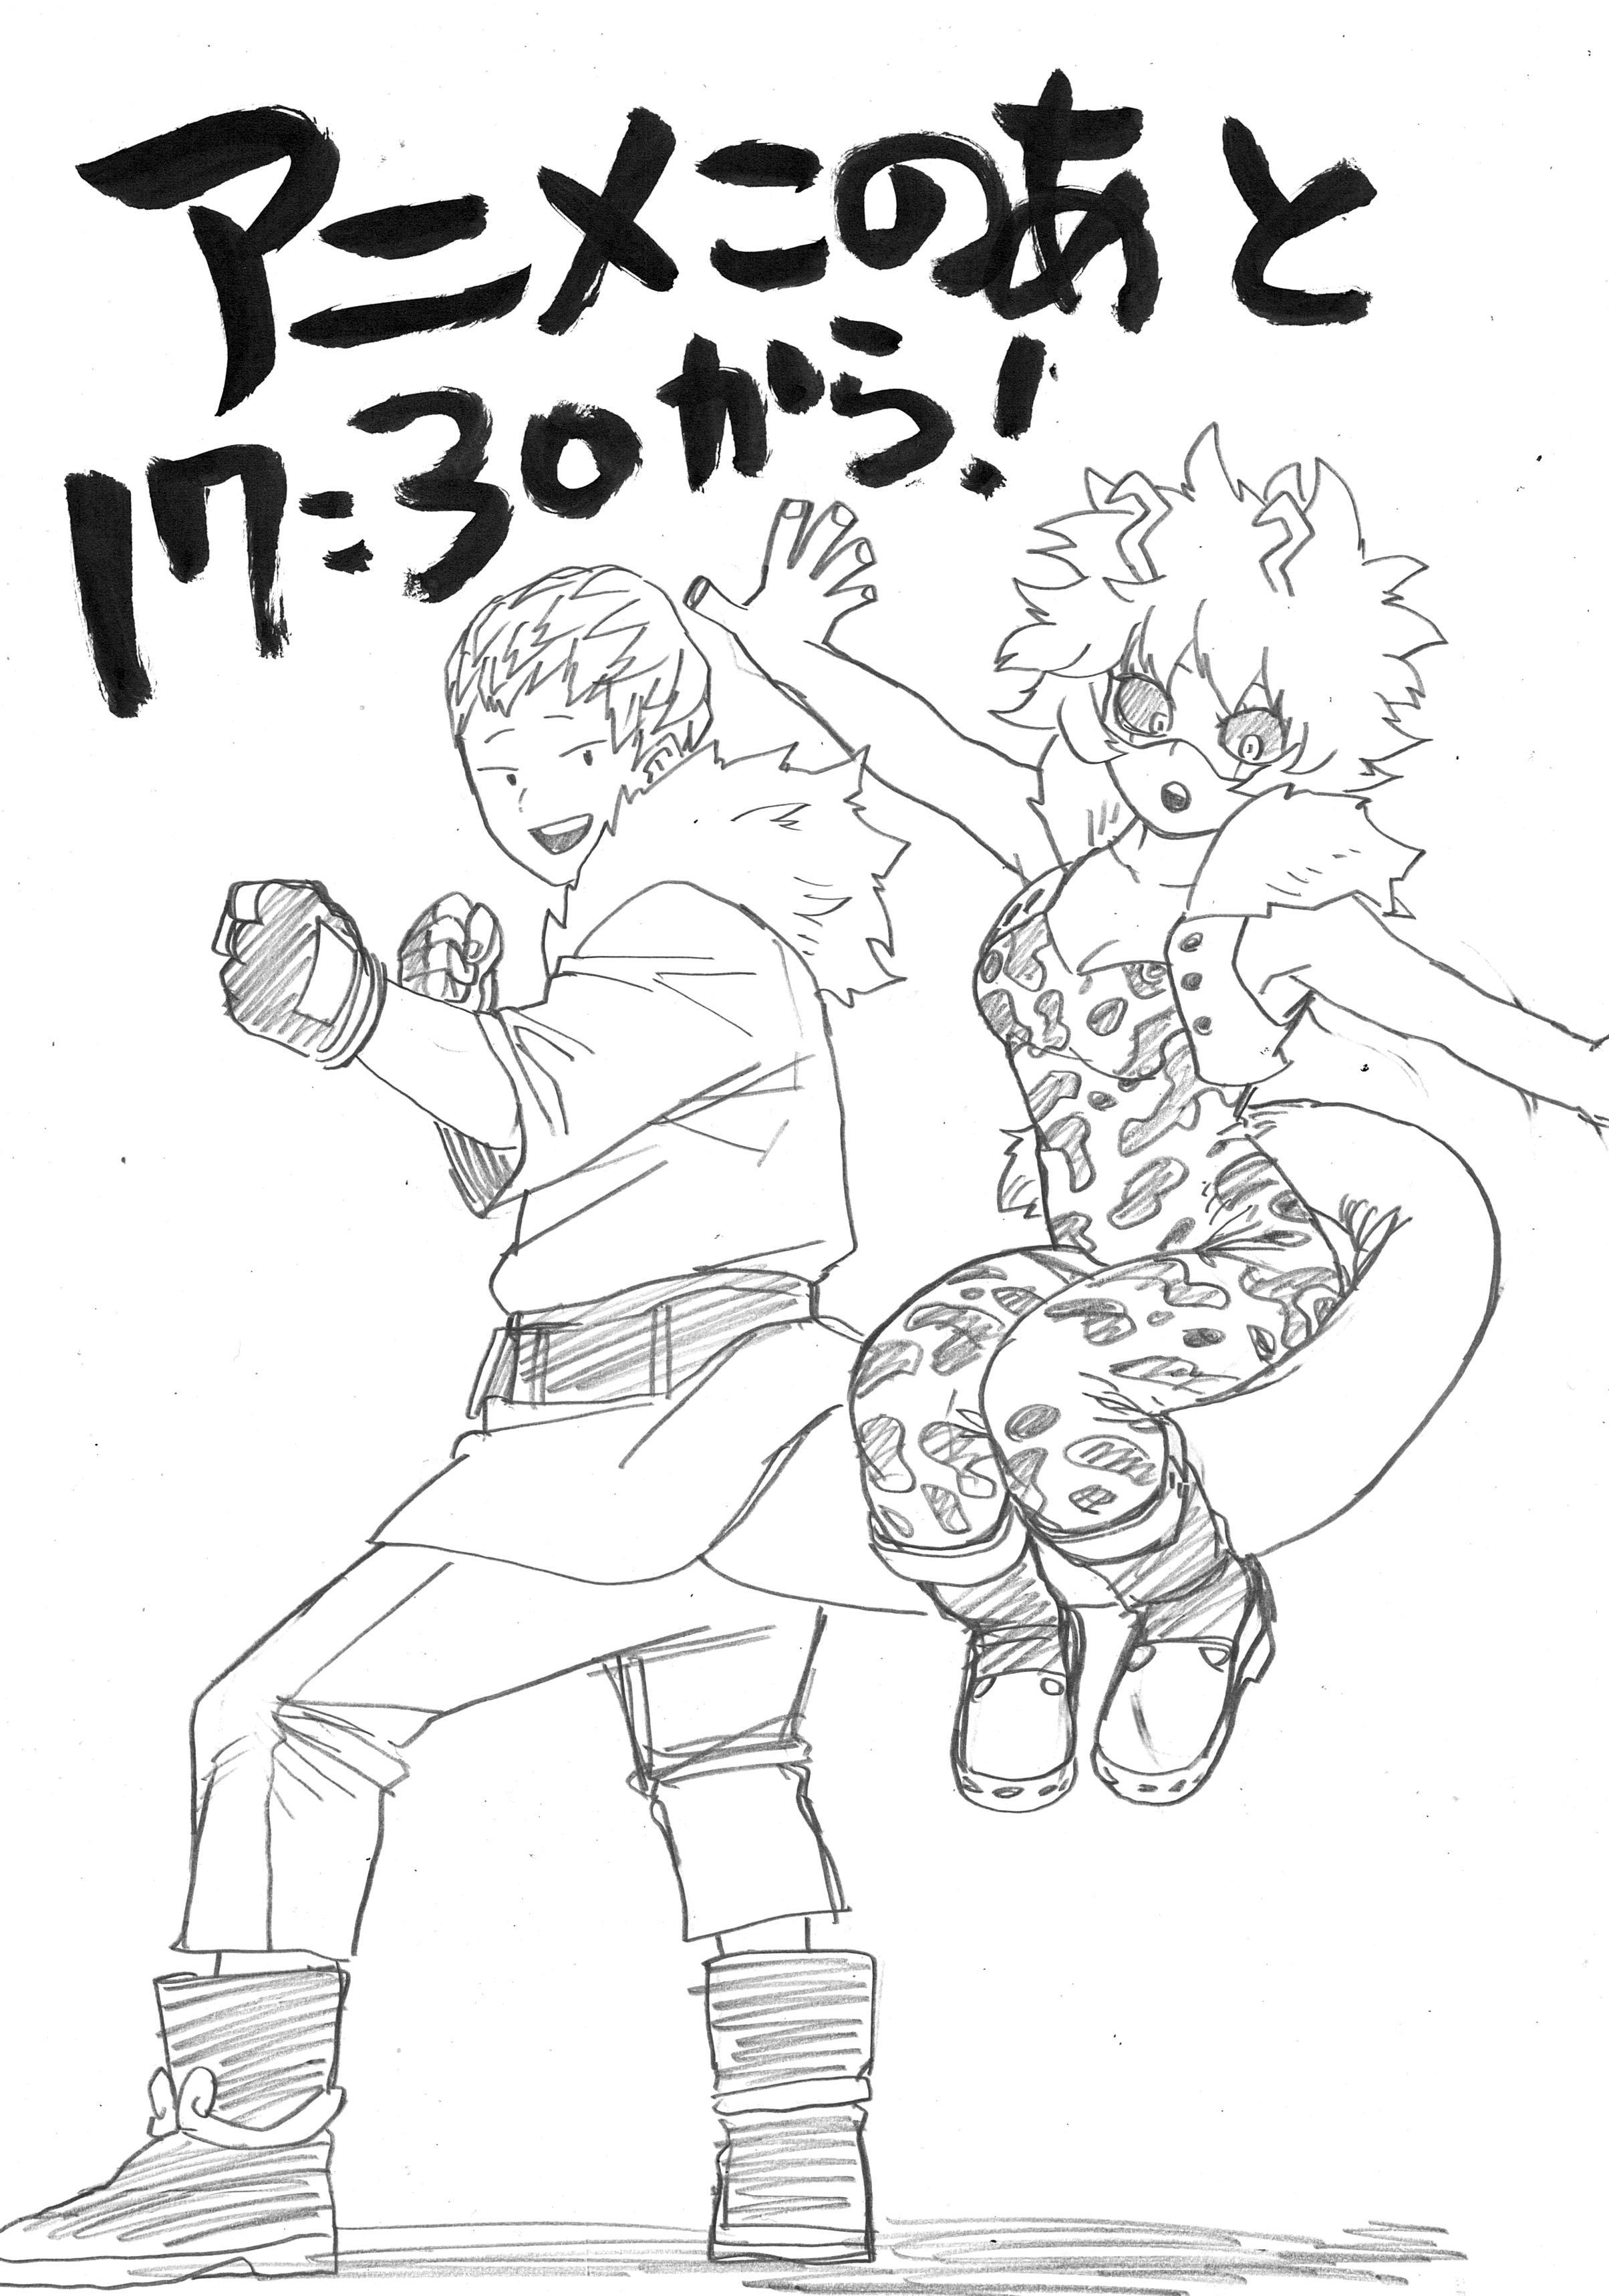 Episode 54 Sketch